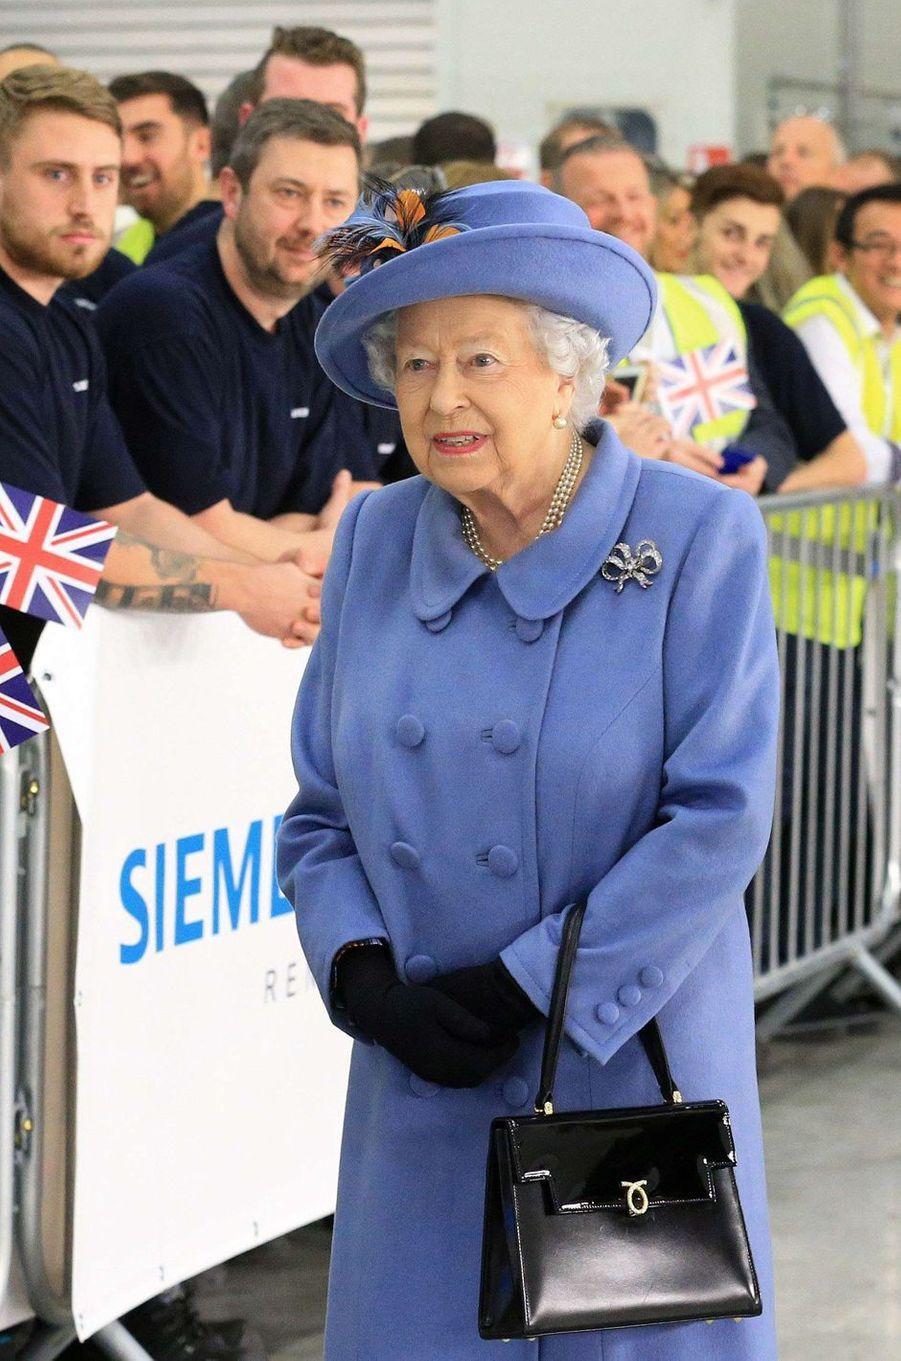 La reine Elizabeth II avec un sac Launer, le 11 novembre 2017